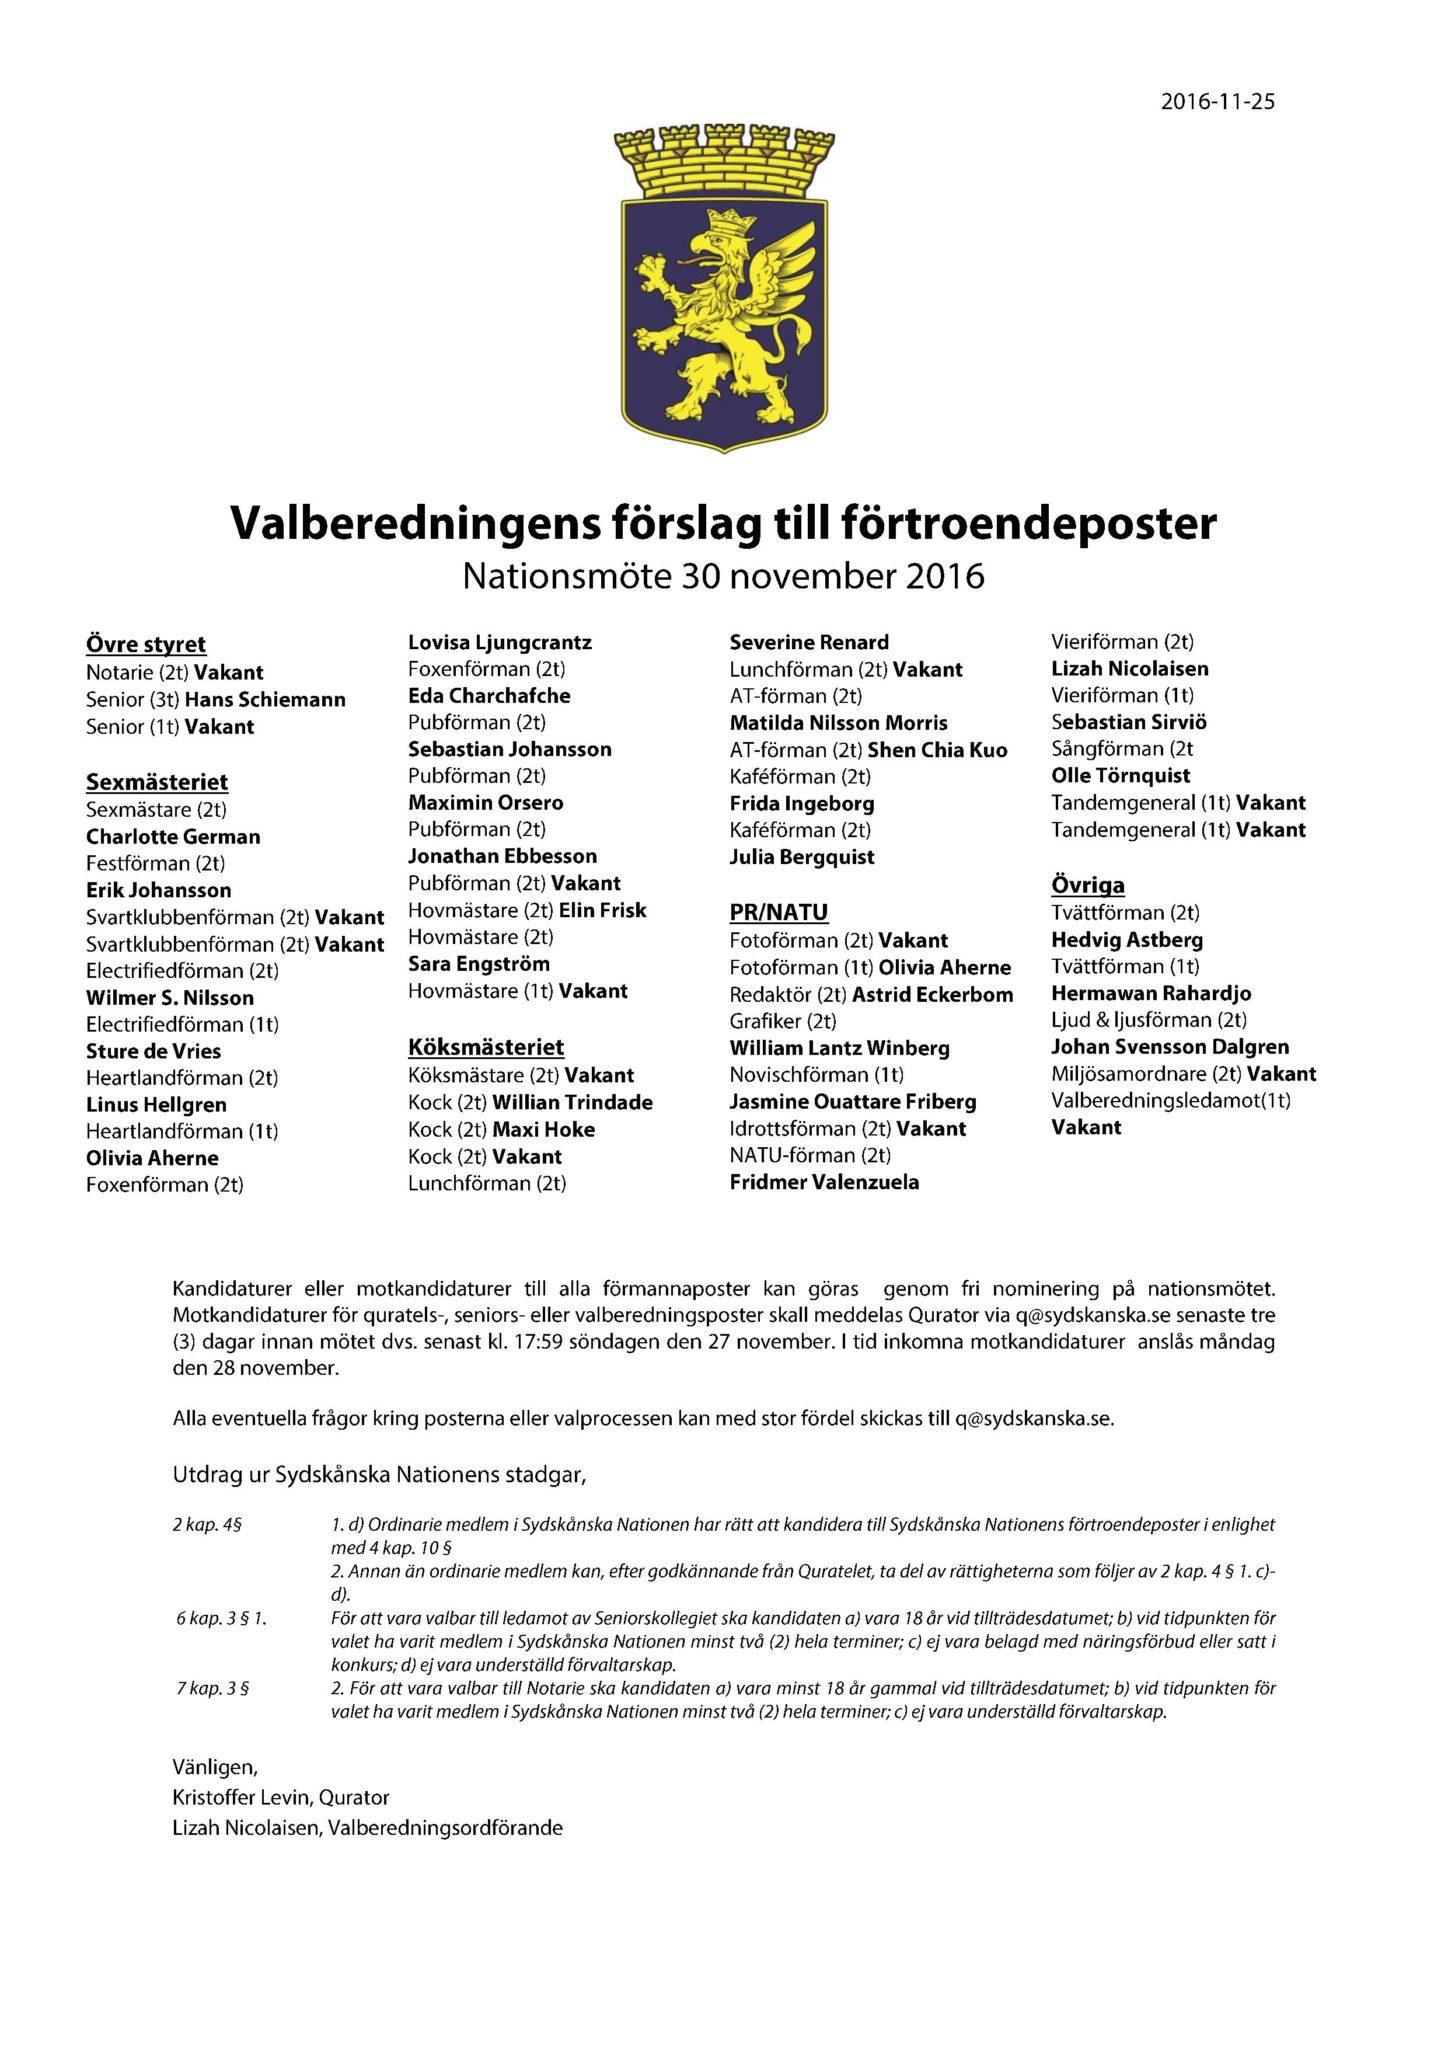 valberedningens-forslag-till-nationsmote-2016-11-30